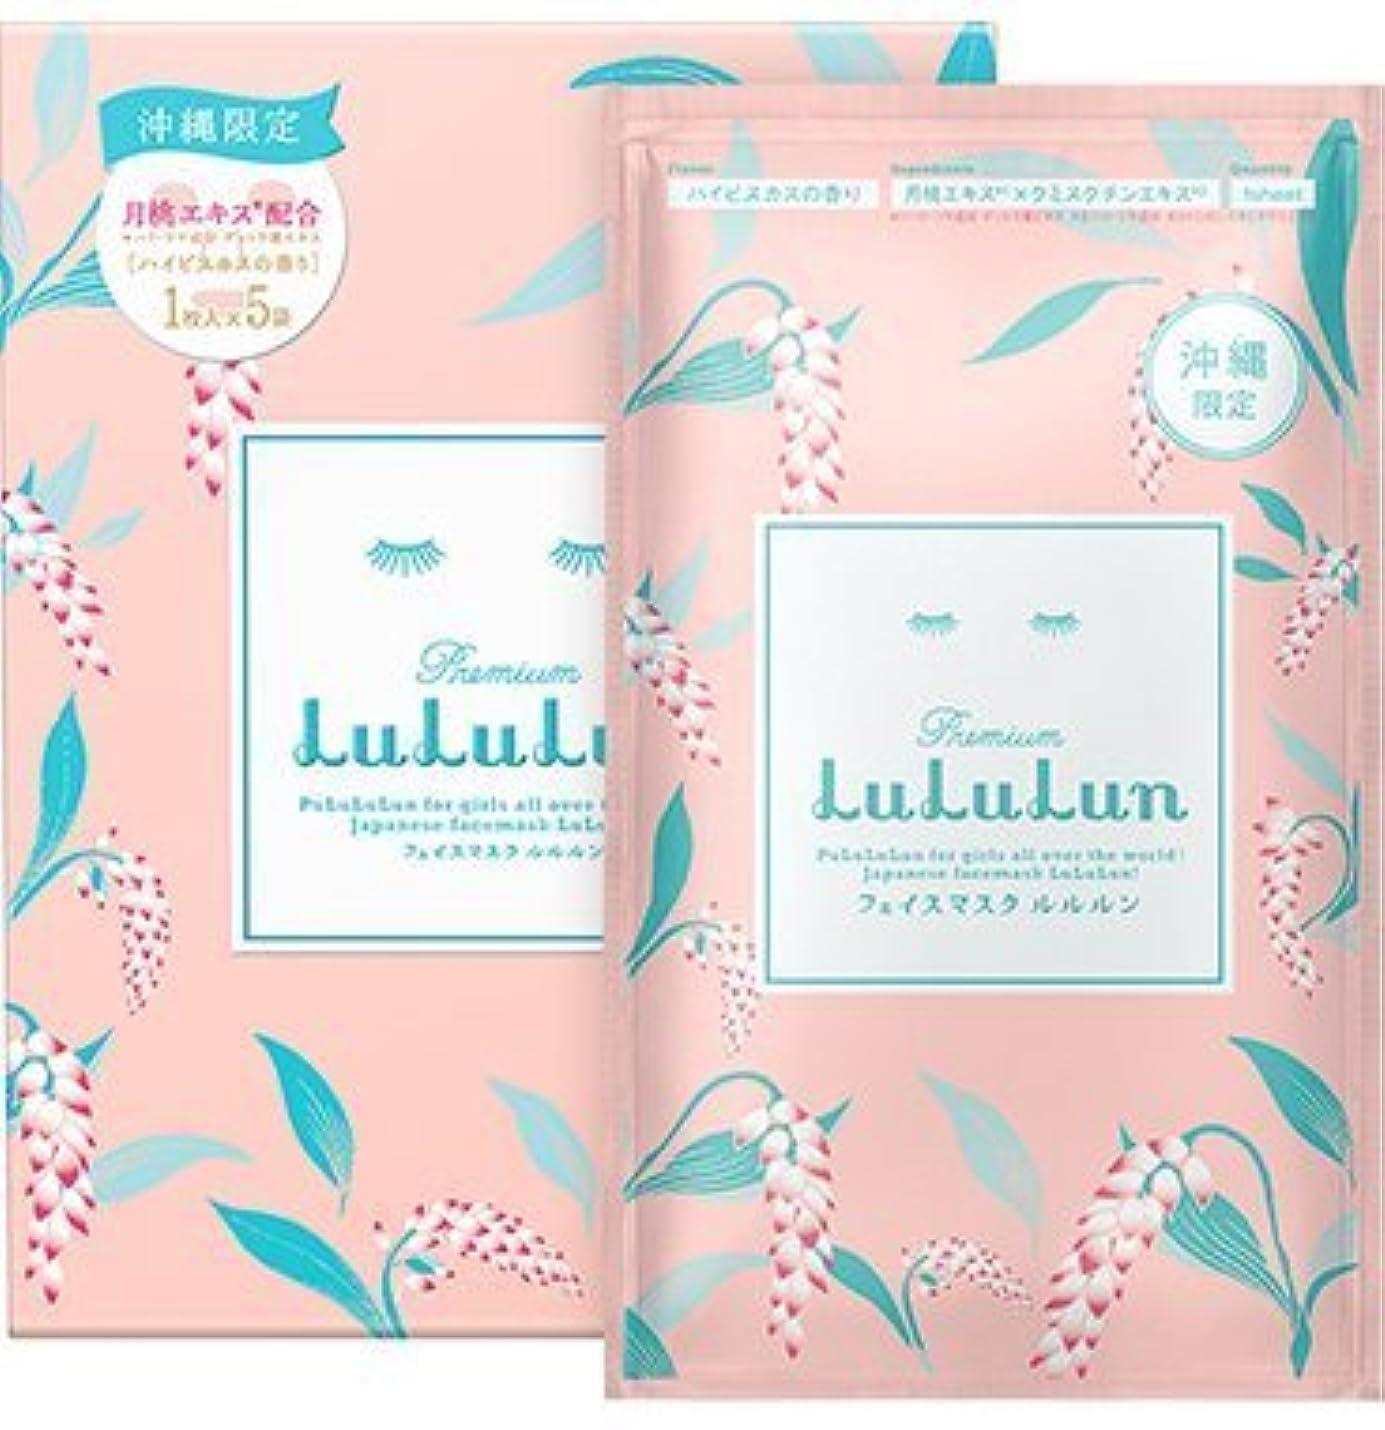 ゴミ箱を空にする鯨宣伝沖縄のプレミアムルルルン(ハイビスカスの香り)1枚入 × 5袋